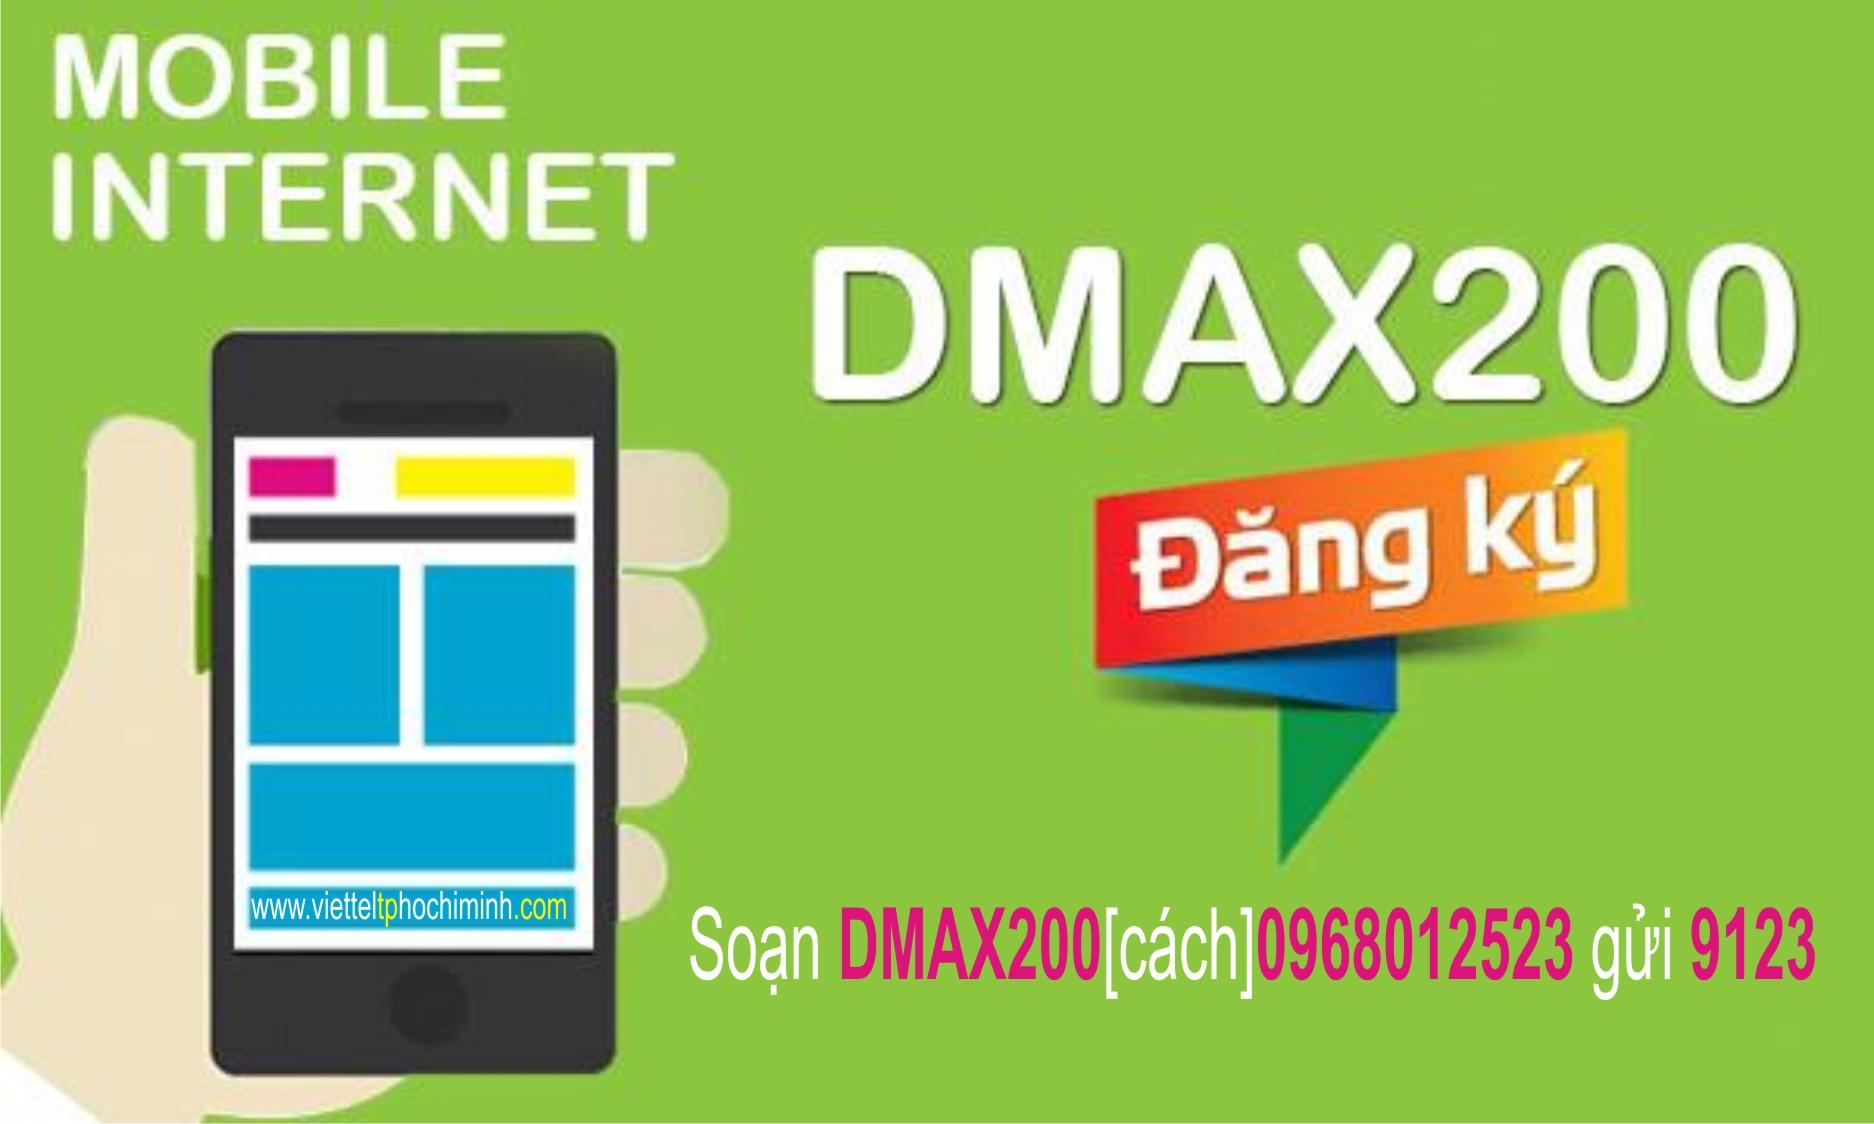 Ưu đãi 3GB Data cùng gói cước Dmax200 của Viettel